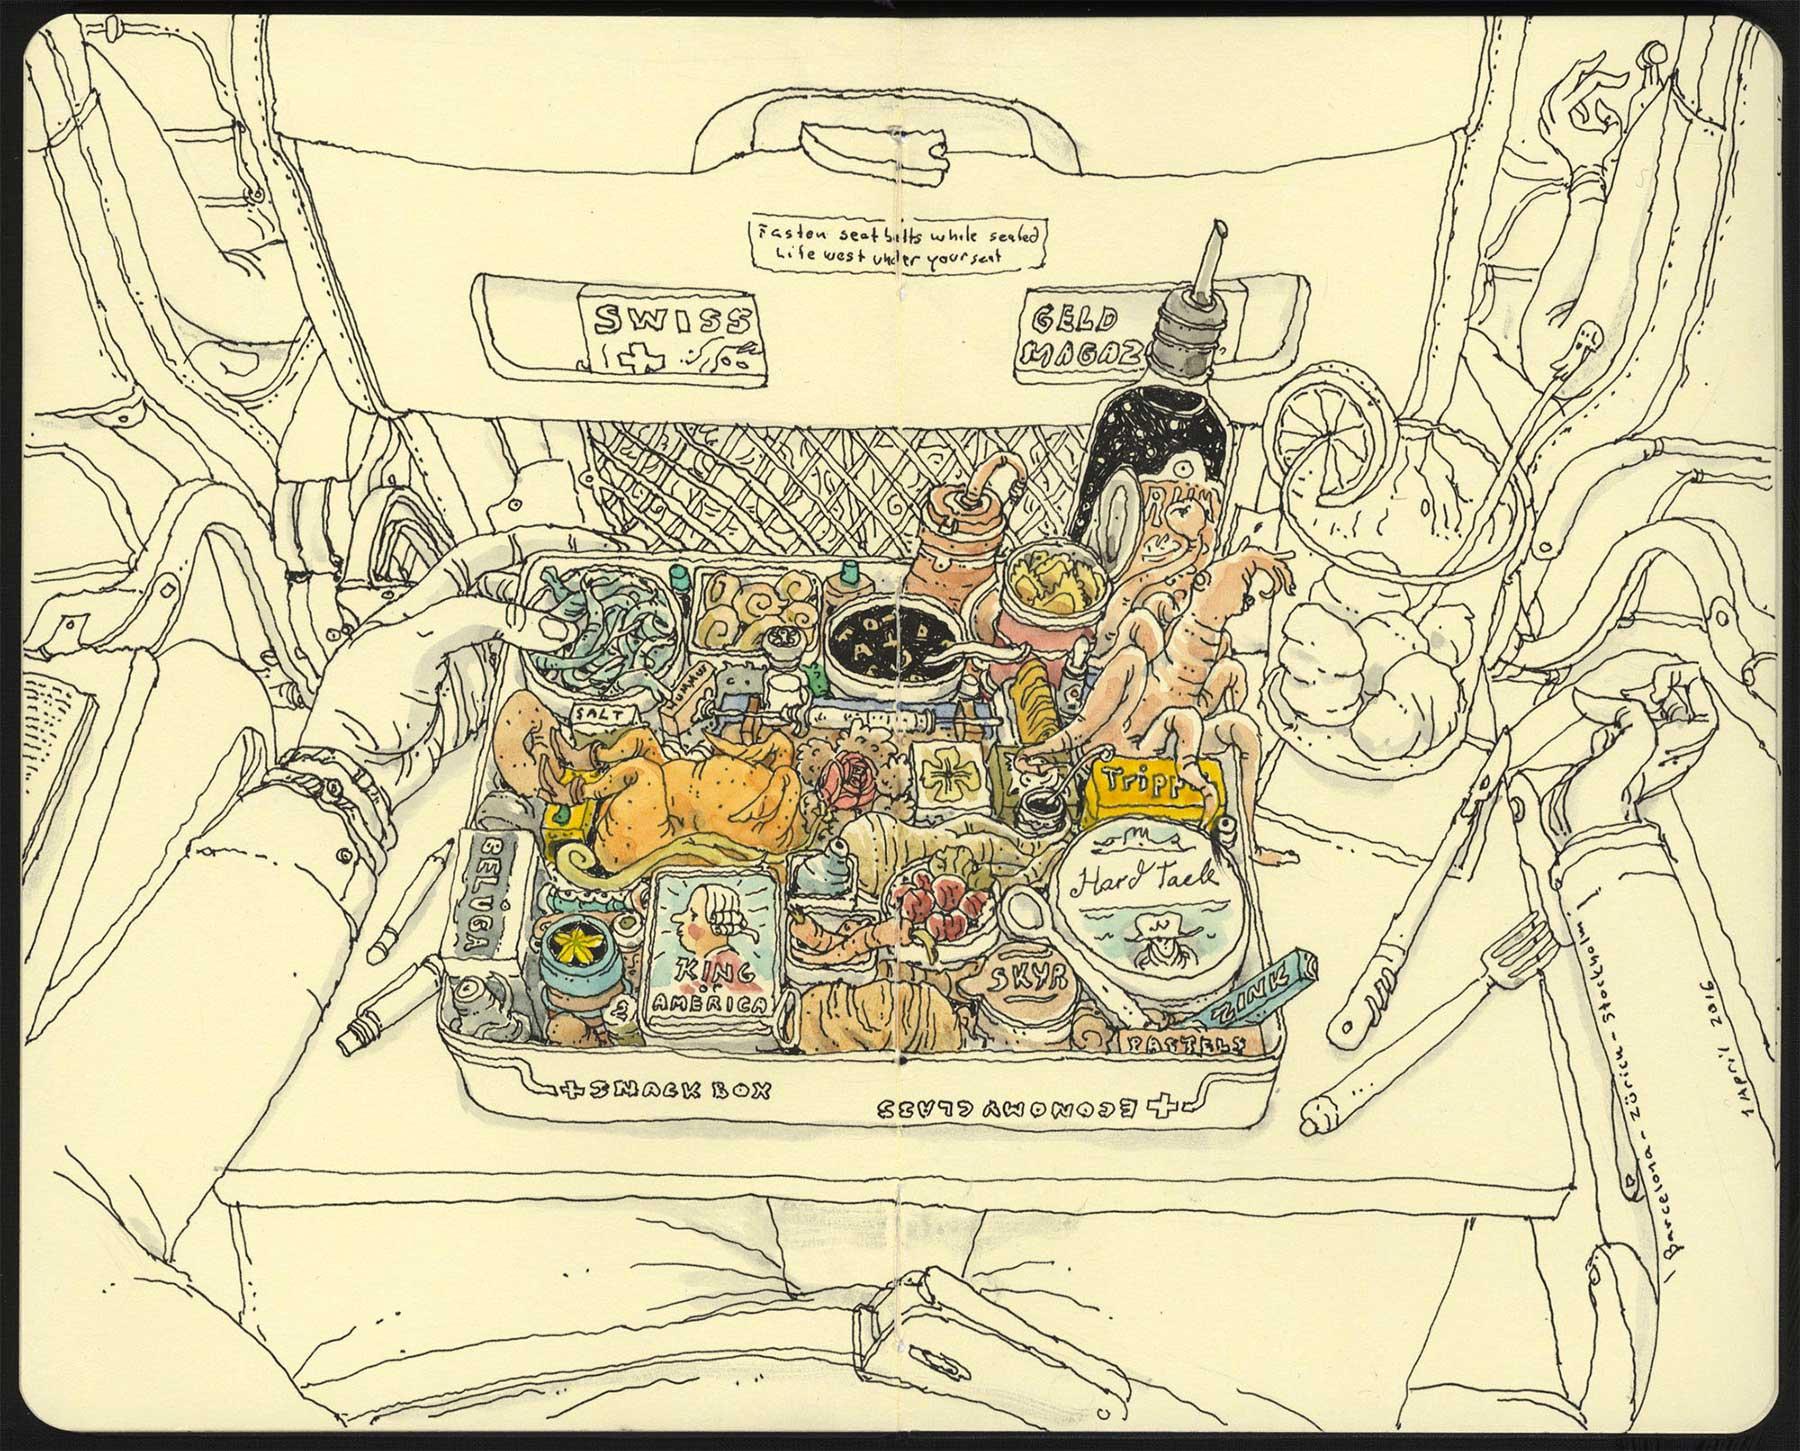 Noch mehr Notizbuchzeichnungen von Mattias Adolfsson Mattias-Adolfsson-Zeichnungen_06